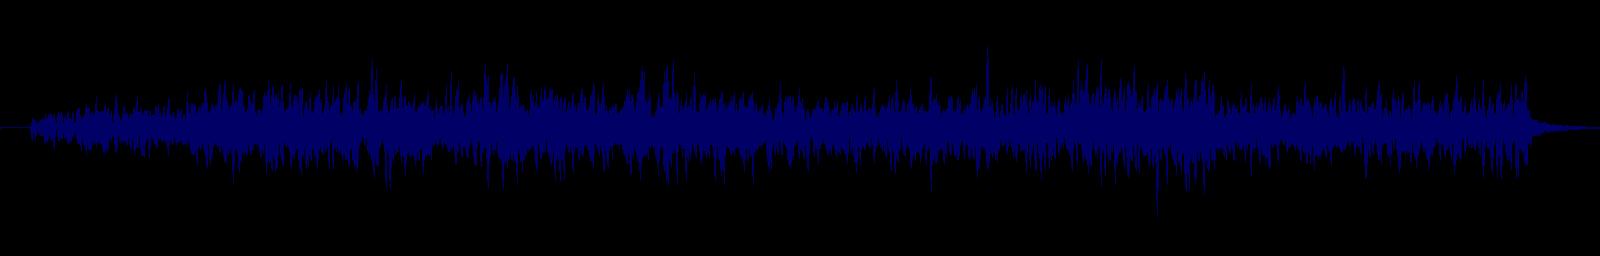 waveform of track #105863